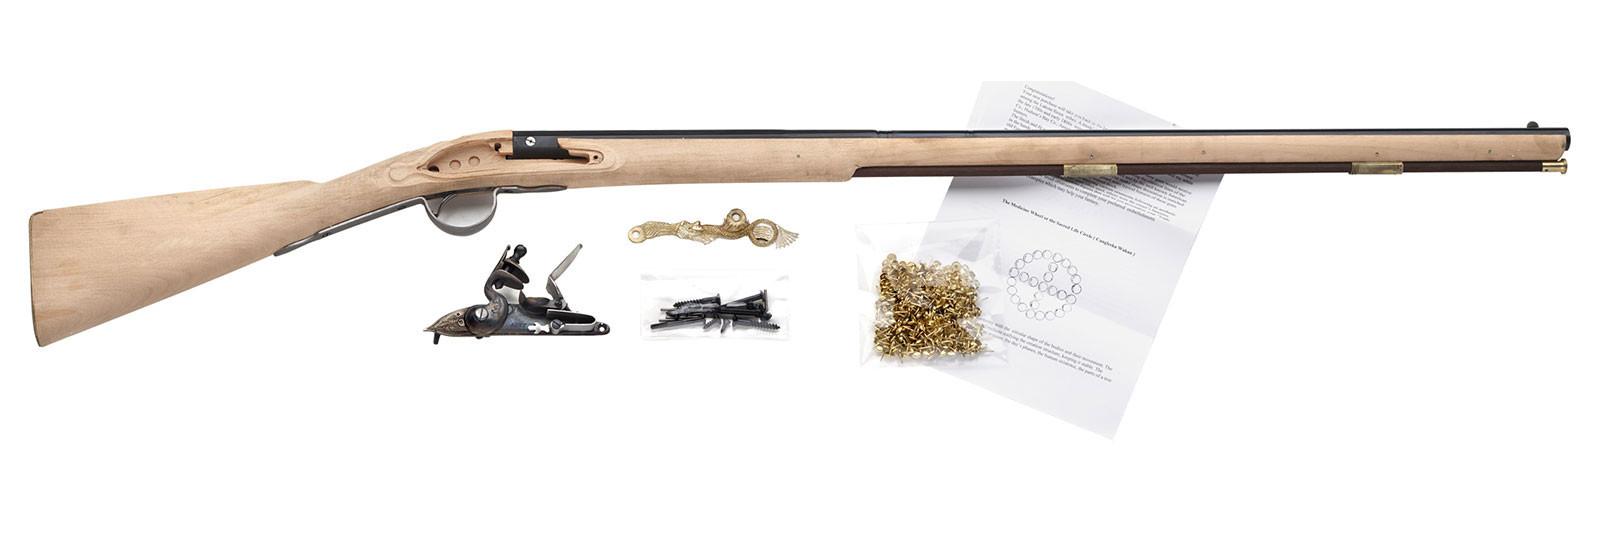 Muzzleloading Kit Rifles